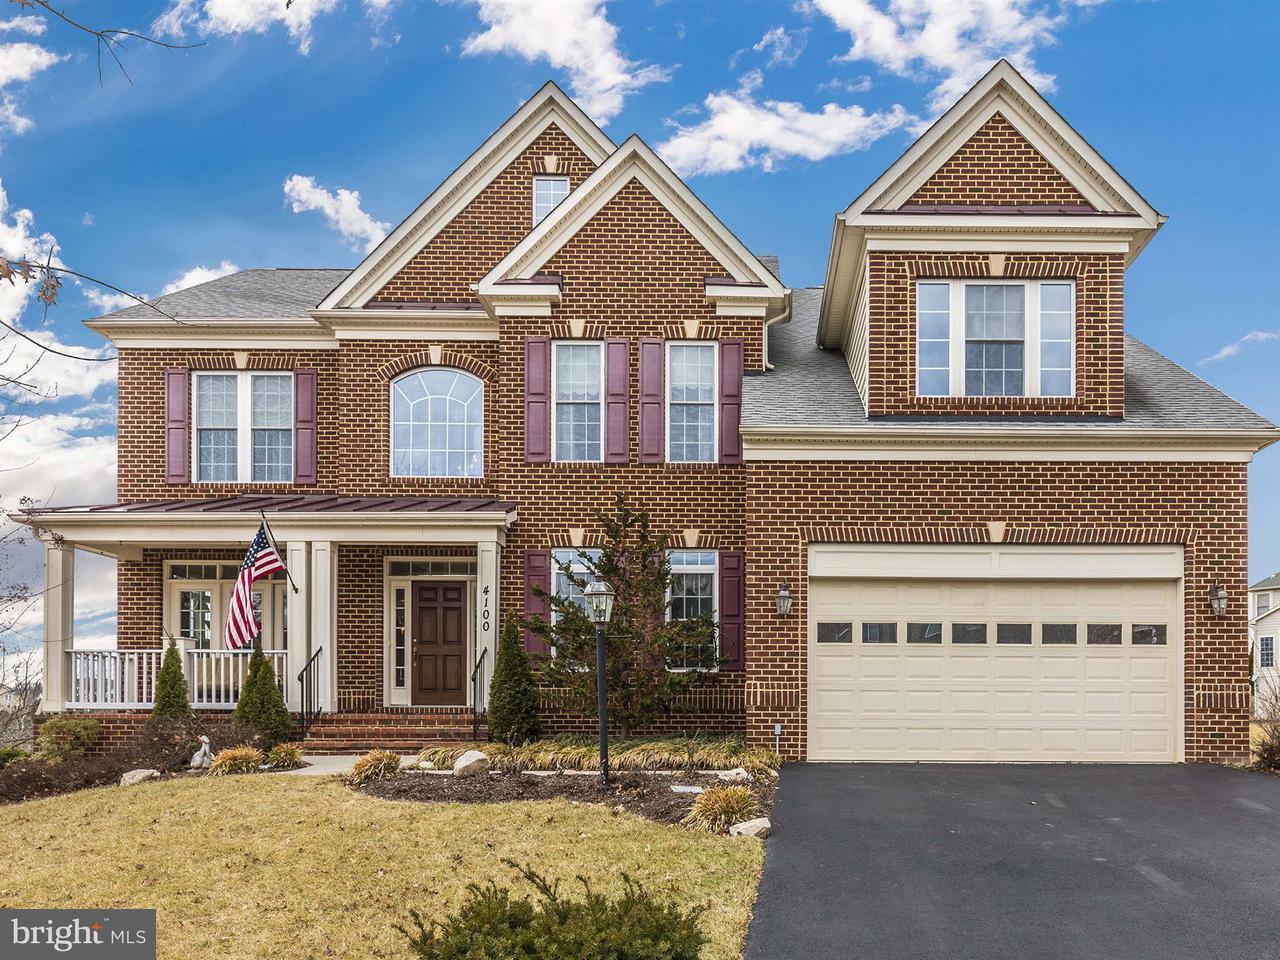 Casa Unifamiliar por un Venta en 4100 Celtic Way 4100 Celtic Way Frederick, Maryland 21704 Estados Unidos